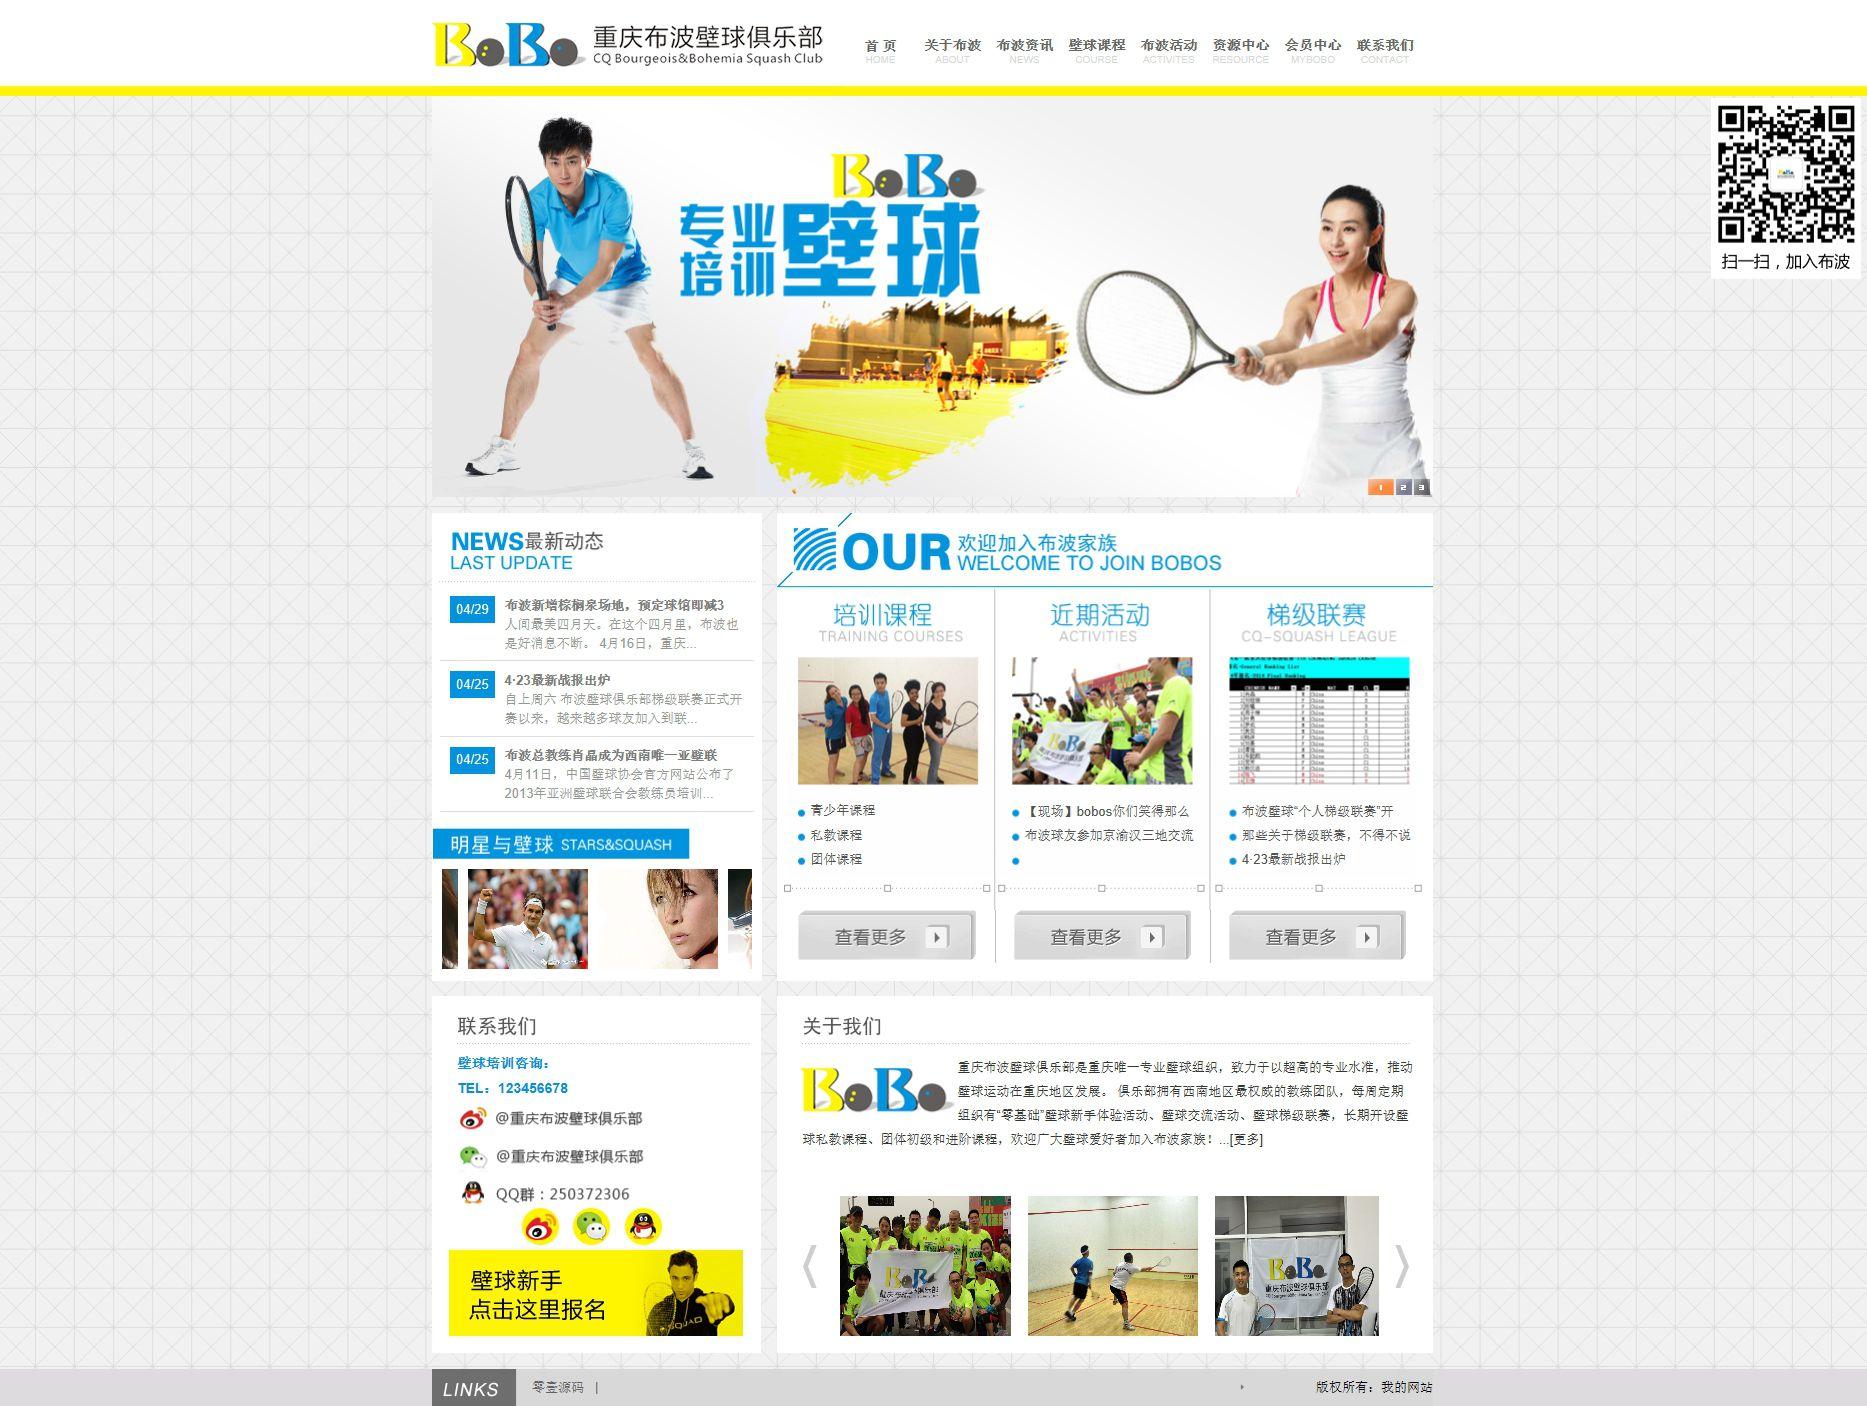 织梦dedecms高端大气壁球培训机构网站整站模版